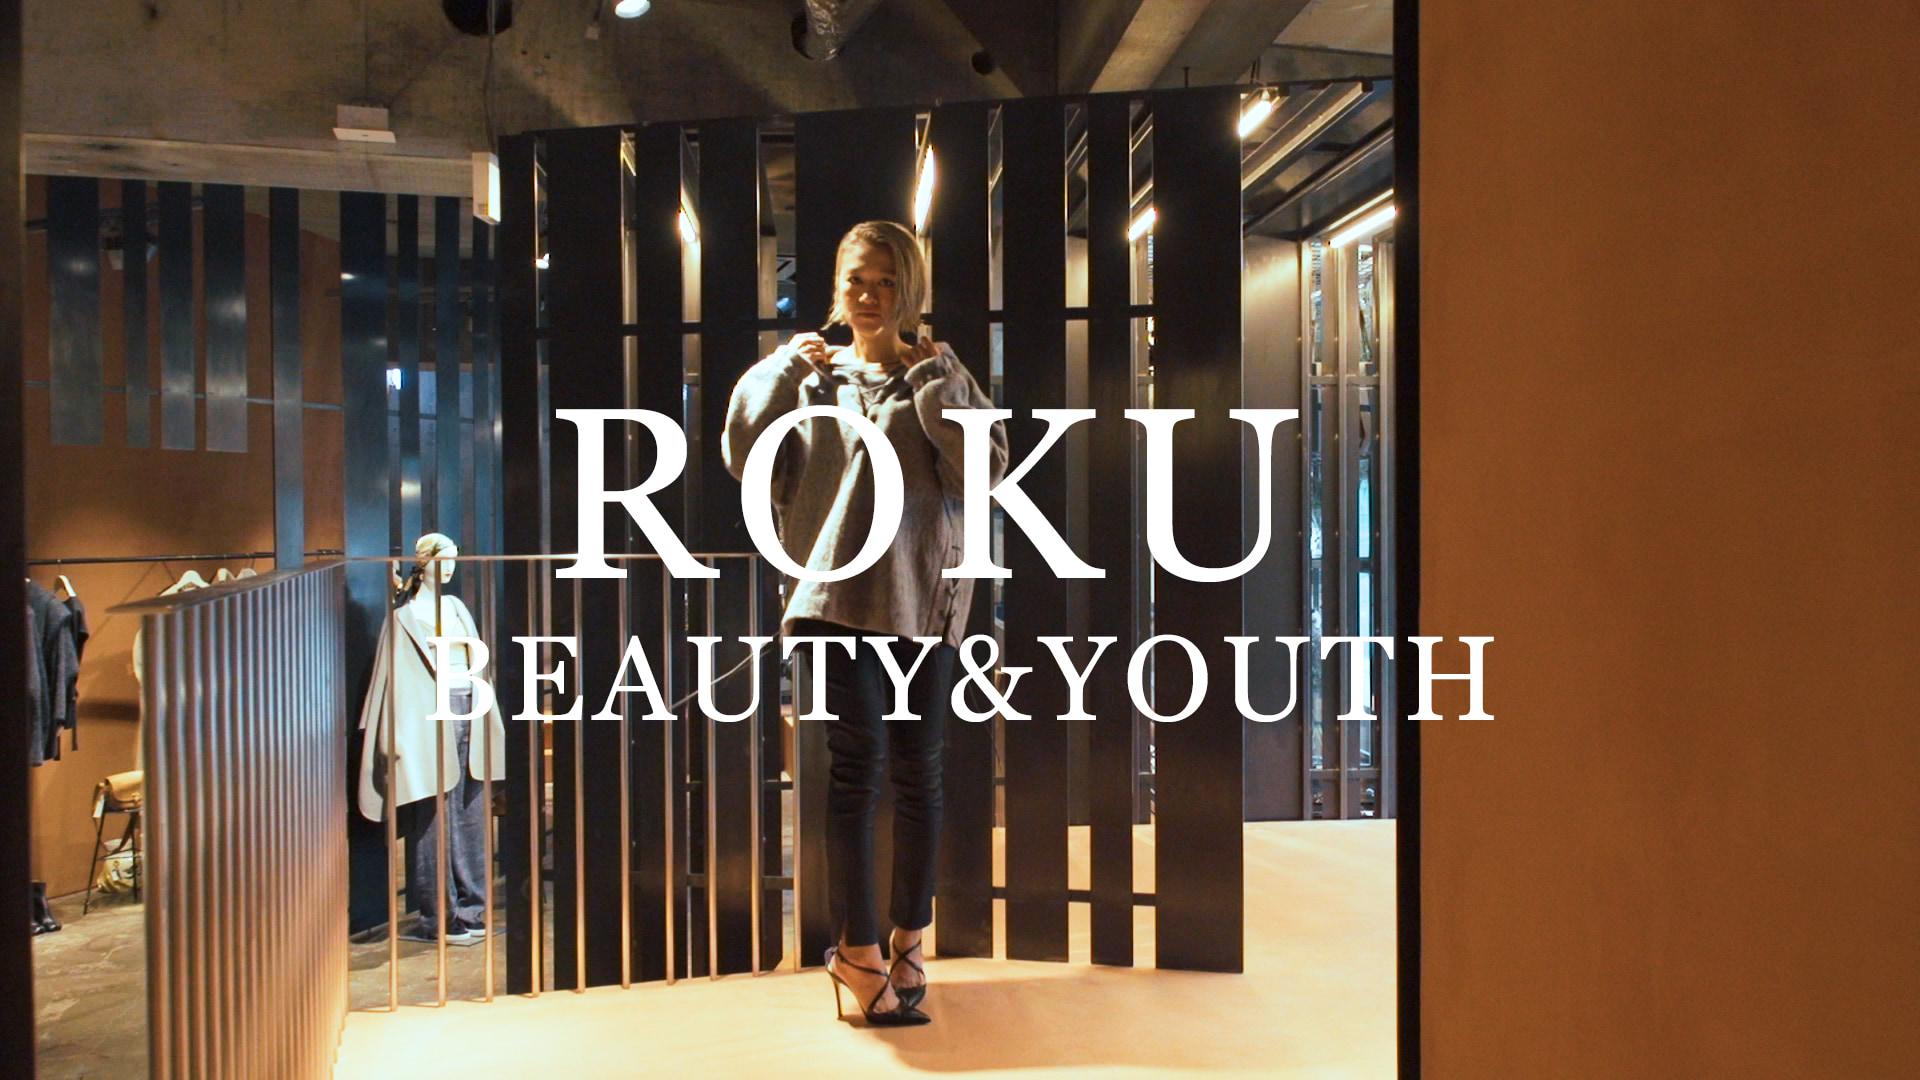 オーバートップスを、レザーパンツ+ヒールでハズしたモードなスタイル【ROKU BEAUTY&YOUTH】#3